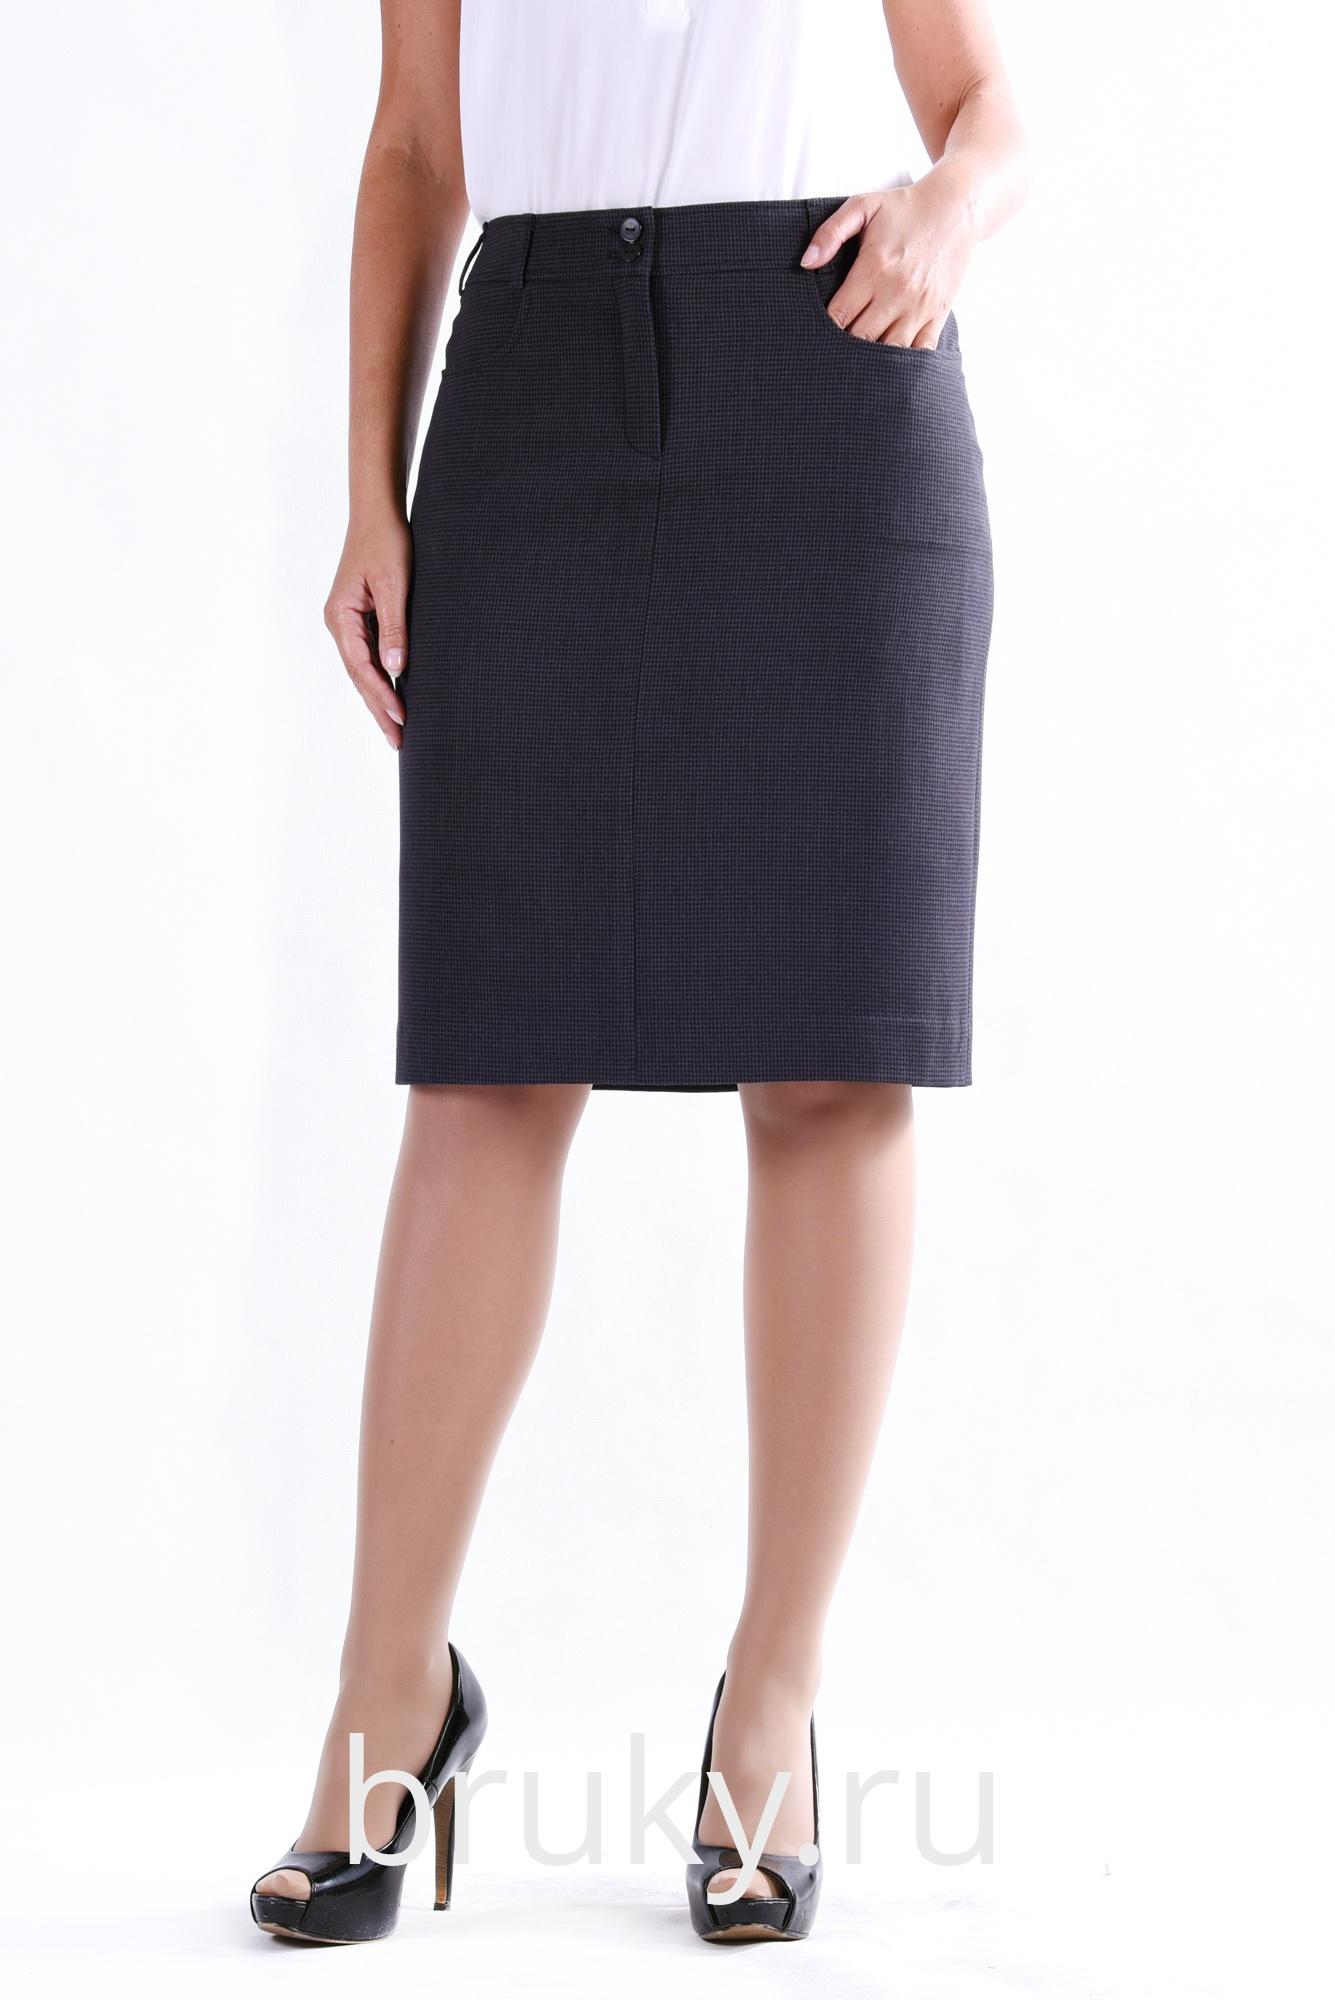 Купить юбку доставка